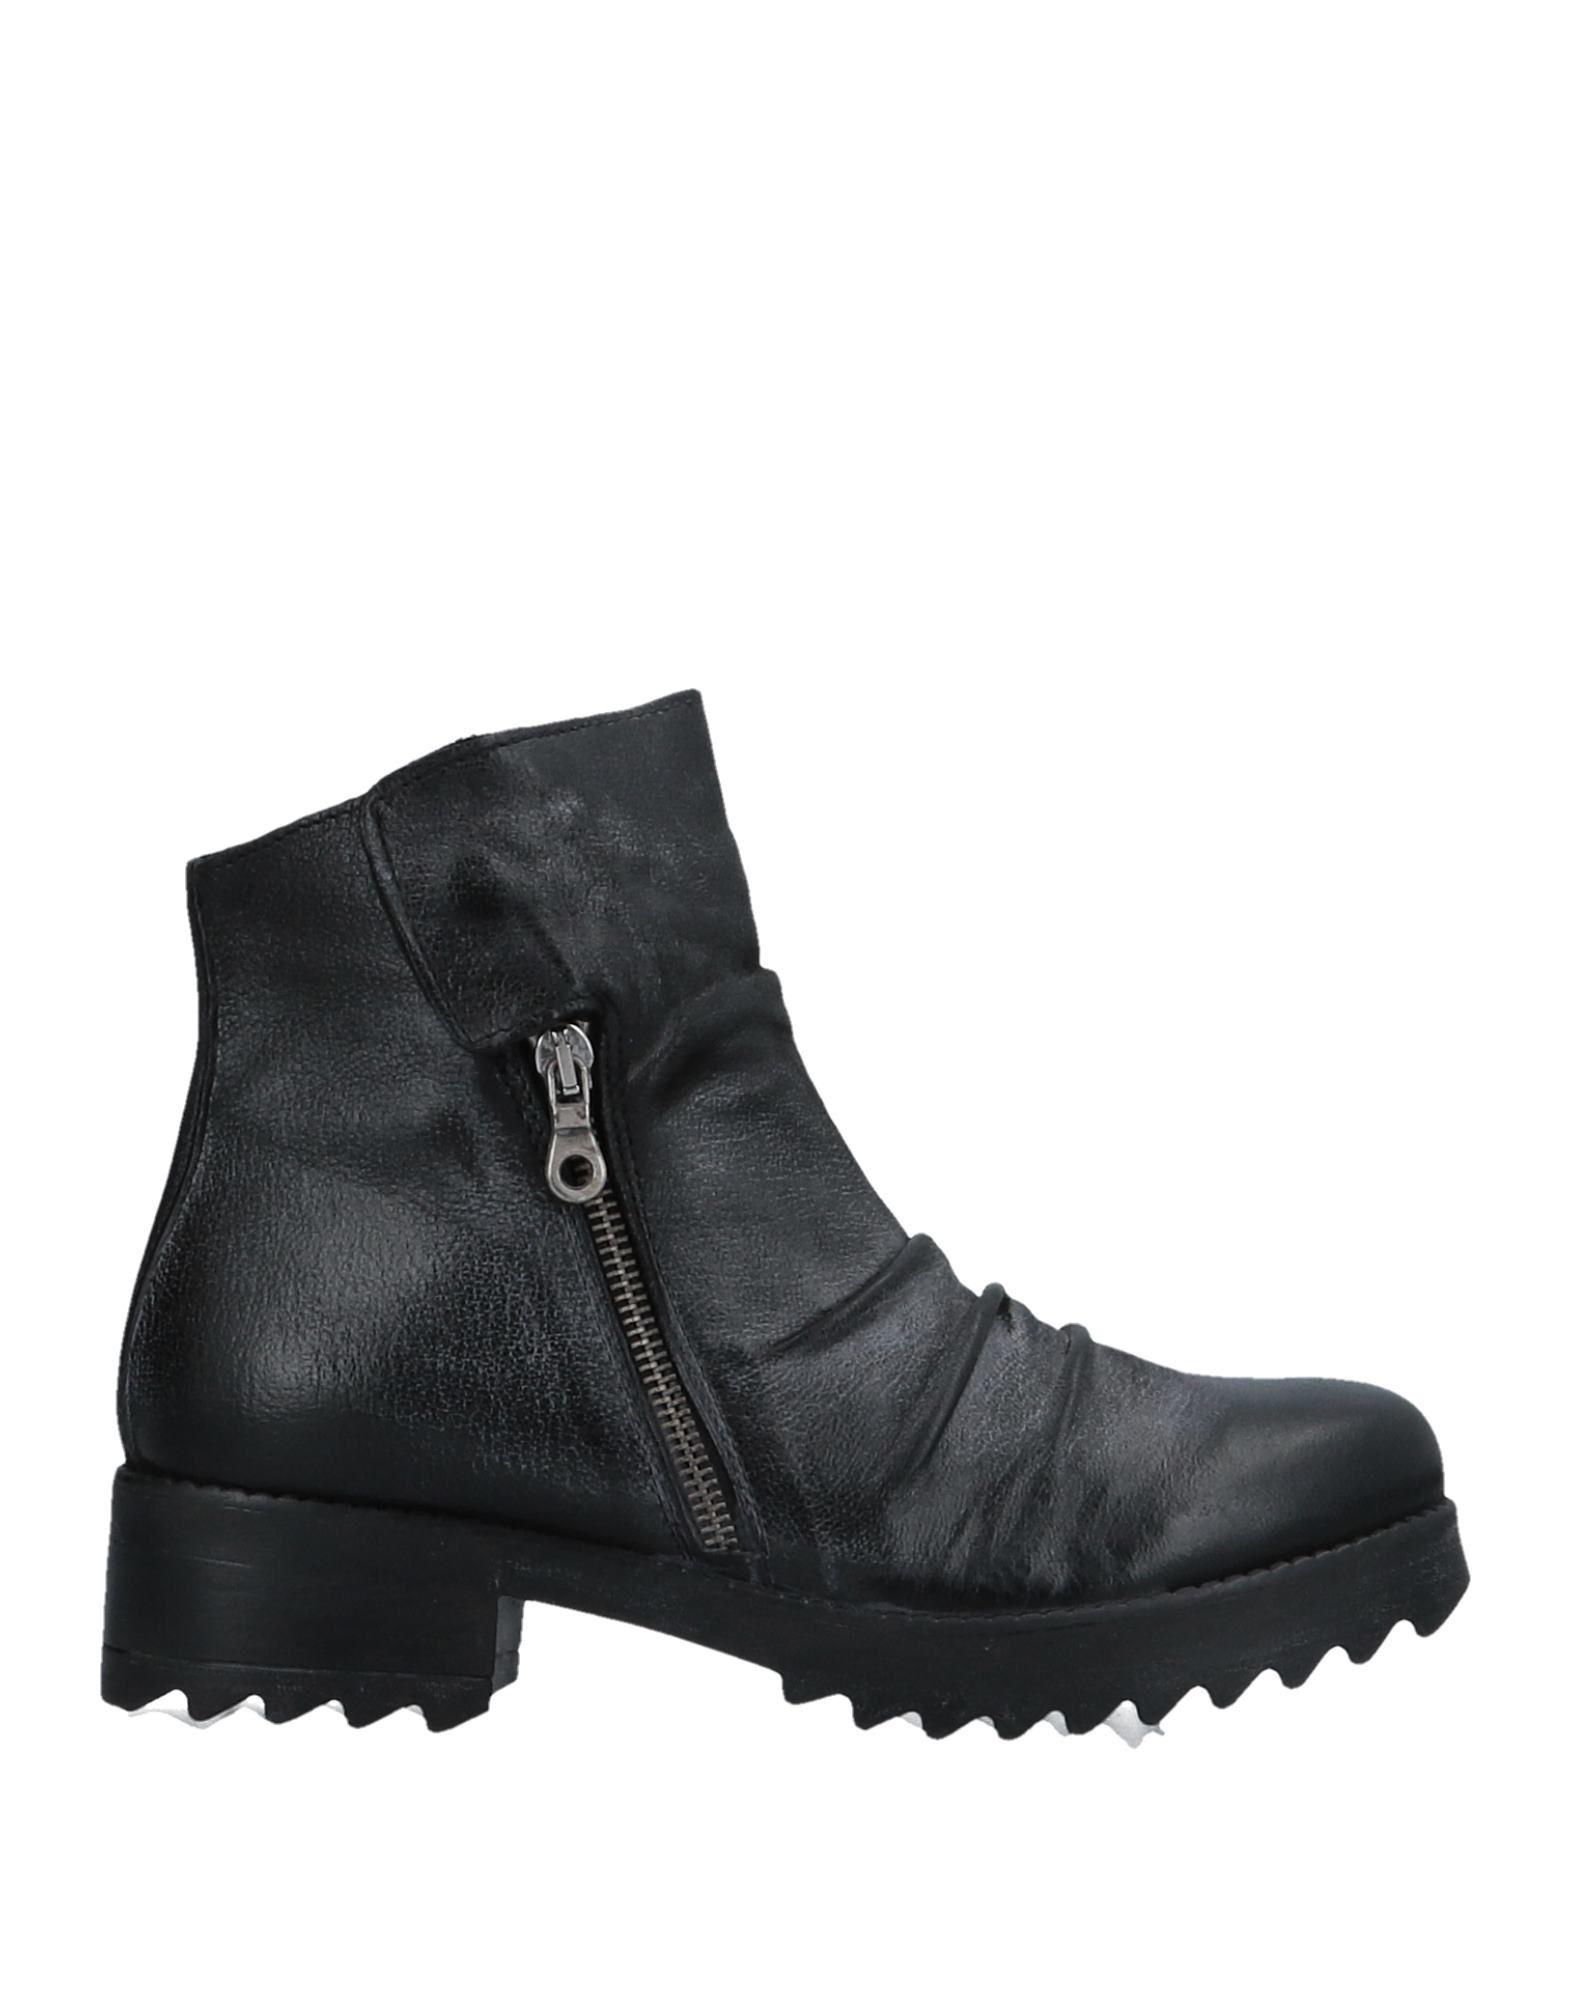 Lea 11509901CK Gute Qualität beliebte Schuhe